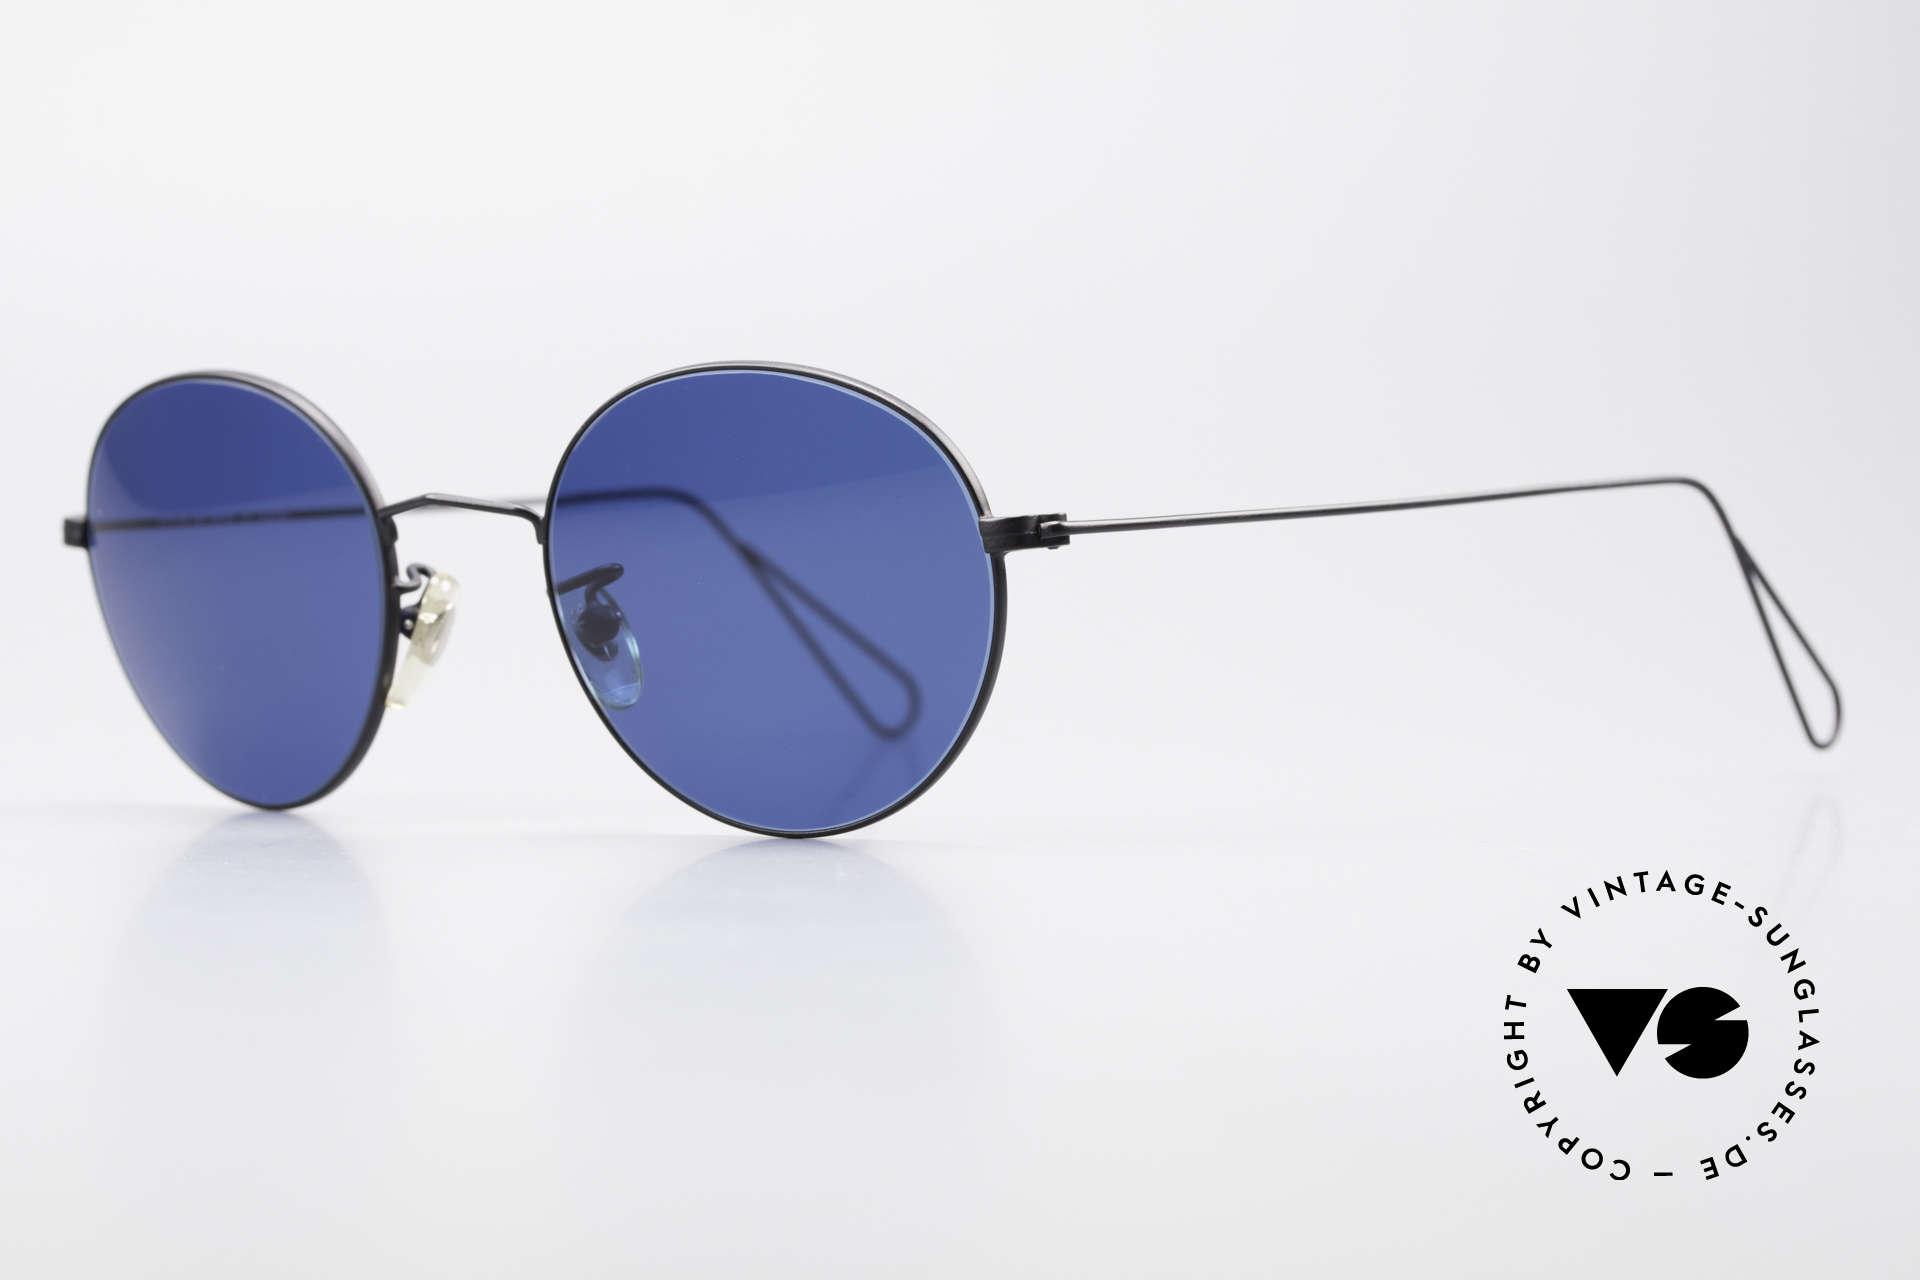 Cutler And Gross 0306 Runde 90er Vintage Brille, stilvoll & unverwechselbar; auch ohne pompöse Logos, Passend für Herren und Damen